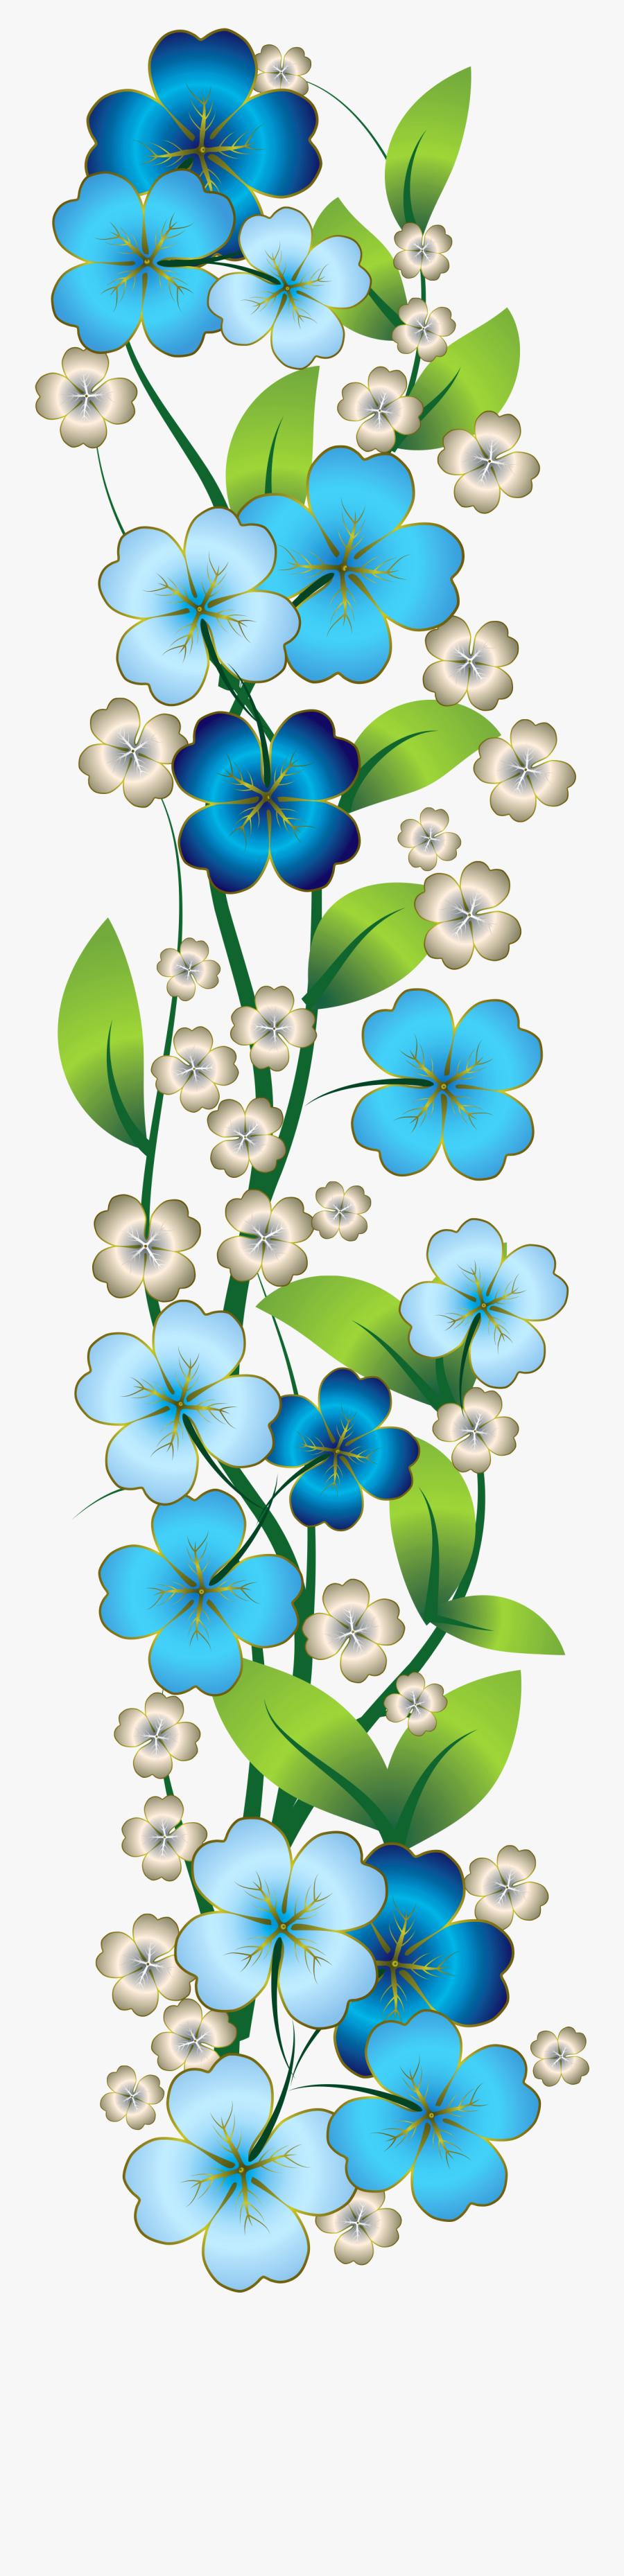 Blue Flower Decor Png Clipart - Blue Flower Border Png, Transparent Clipart